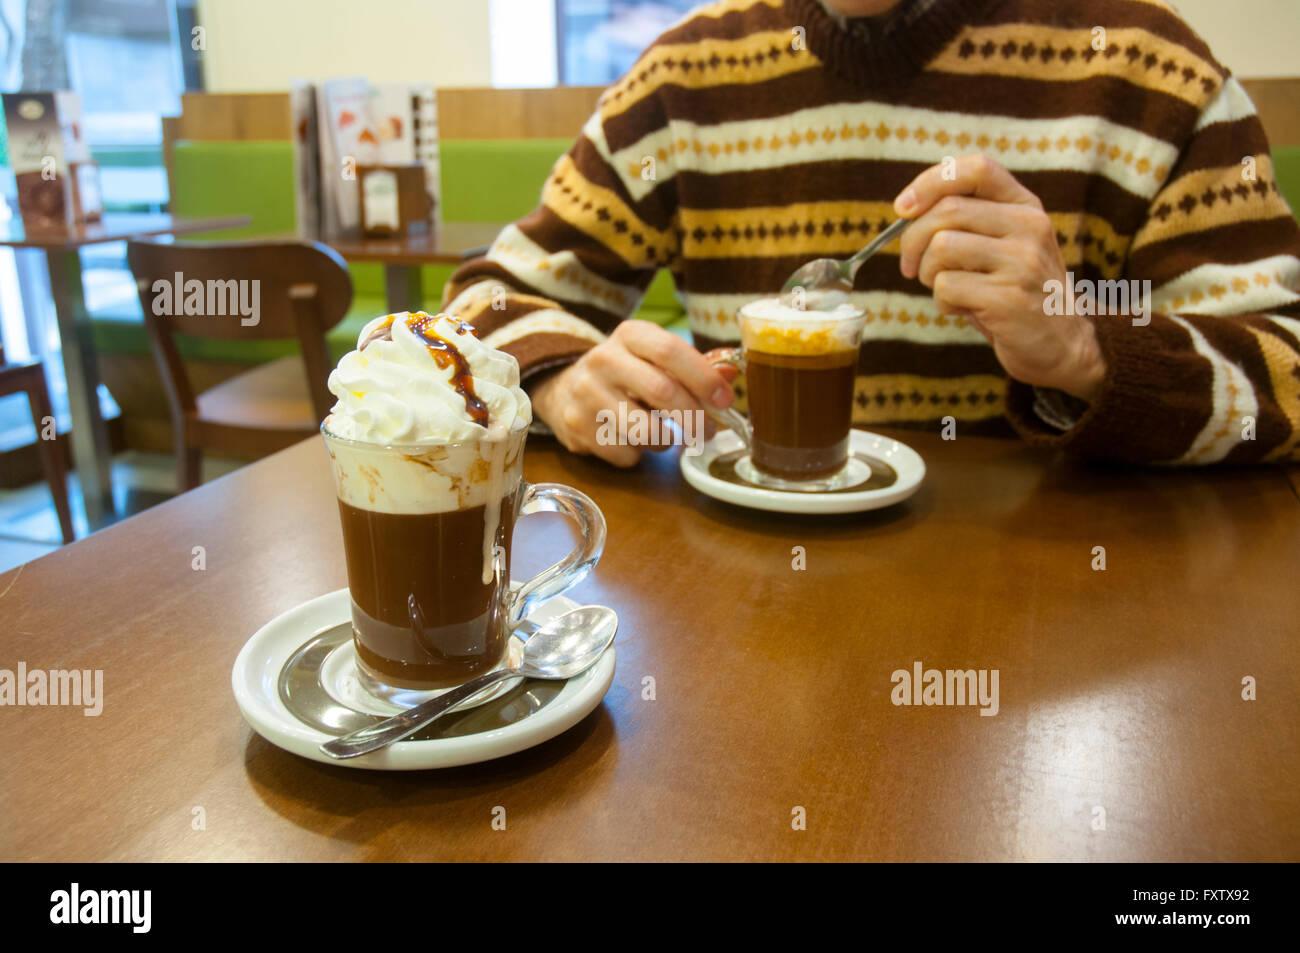 Café con chocolate y crema en un café. Madrid, España. Imagen De Stock